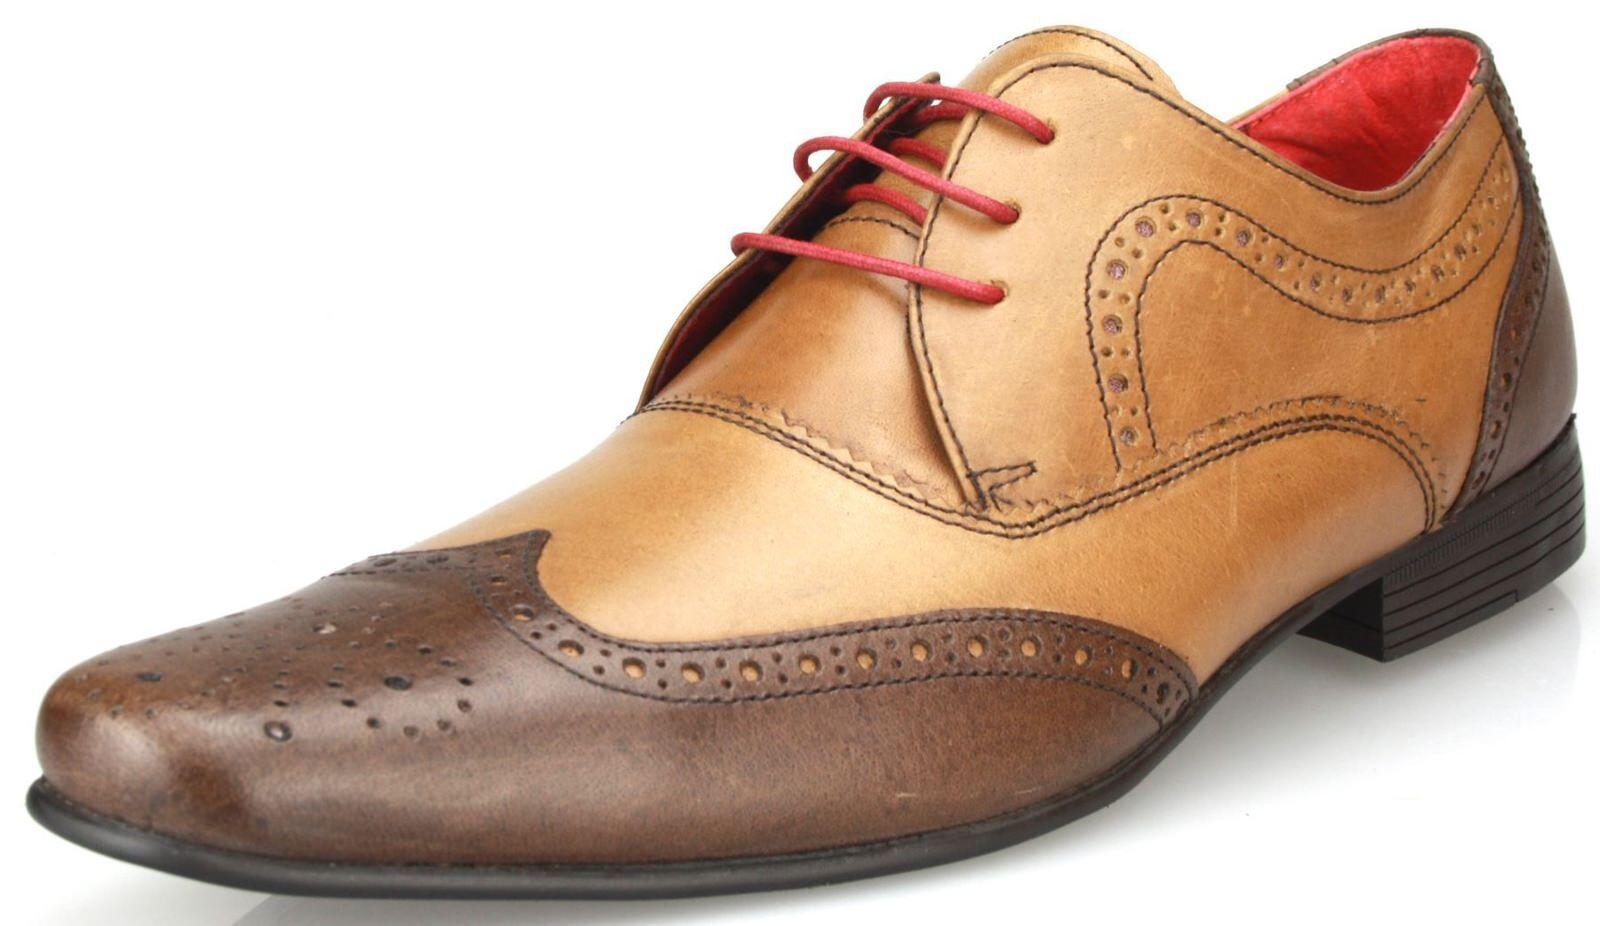 Red Tape Elrick 2 hellbraun Halbschuhe zum Schnüren Zweiton Leder Herren Schuhe